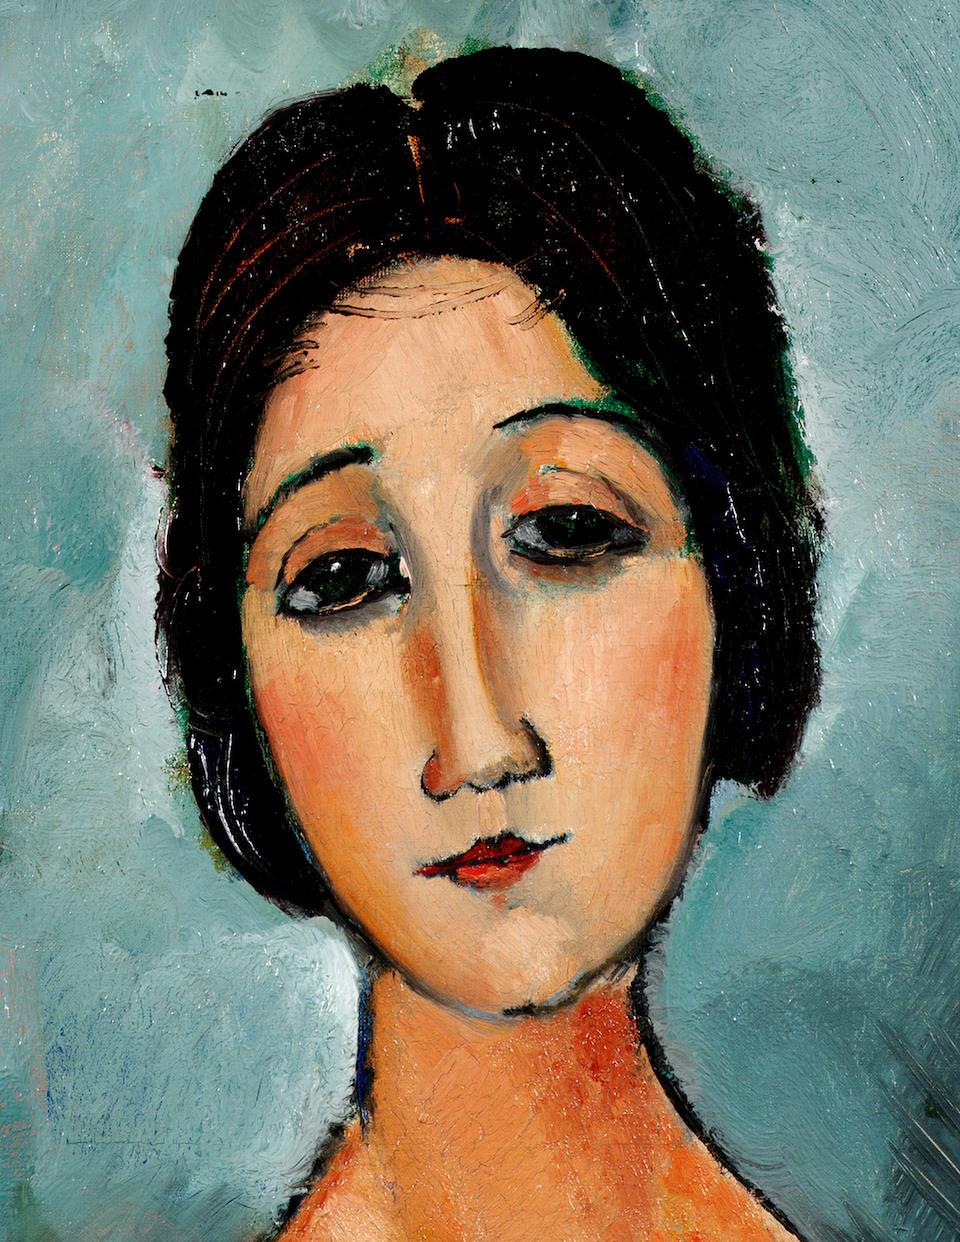 Amedeo Modigliani (1884-1920) Christina 80 x 69 cm. (31.5 x 27 1/8 in.)